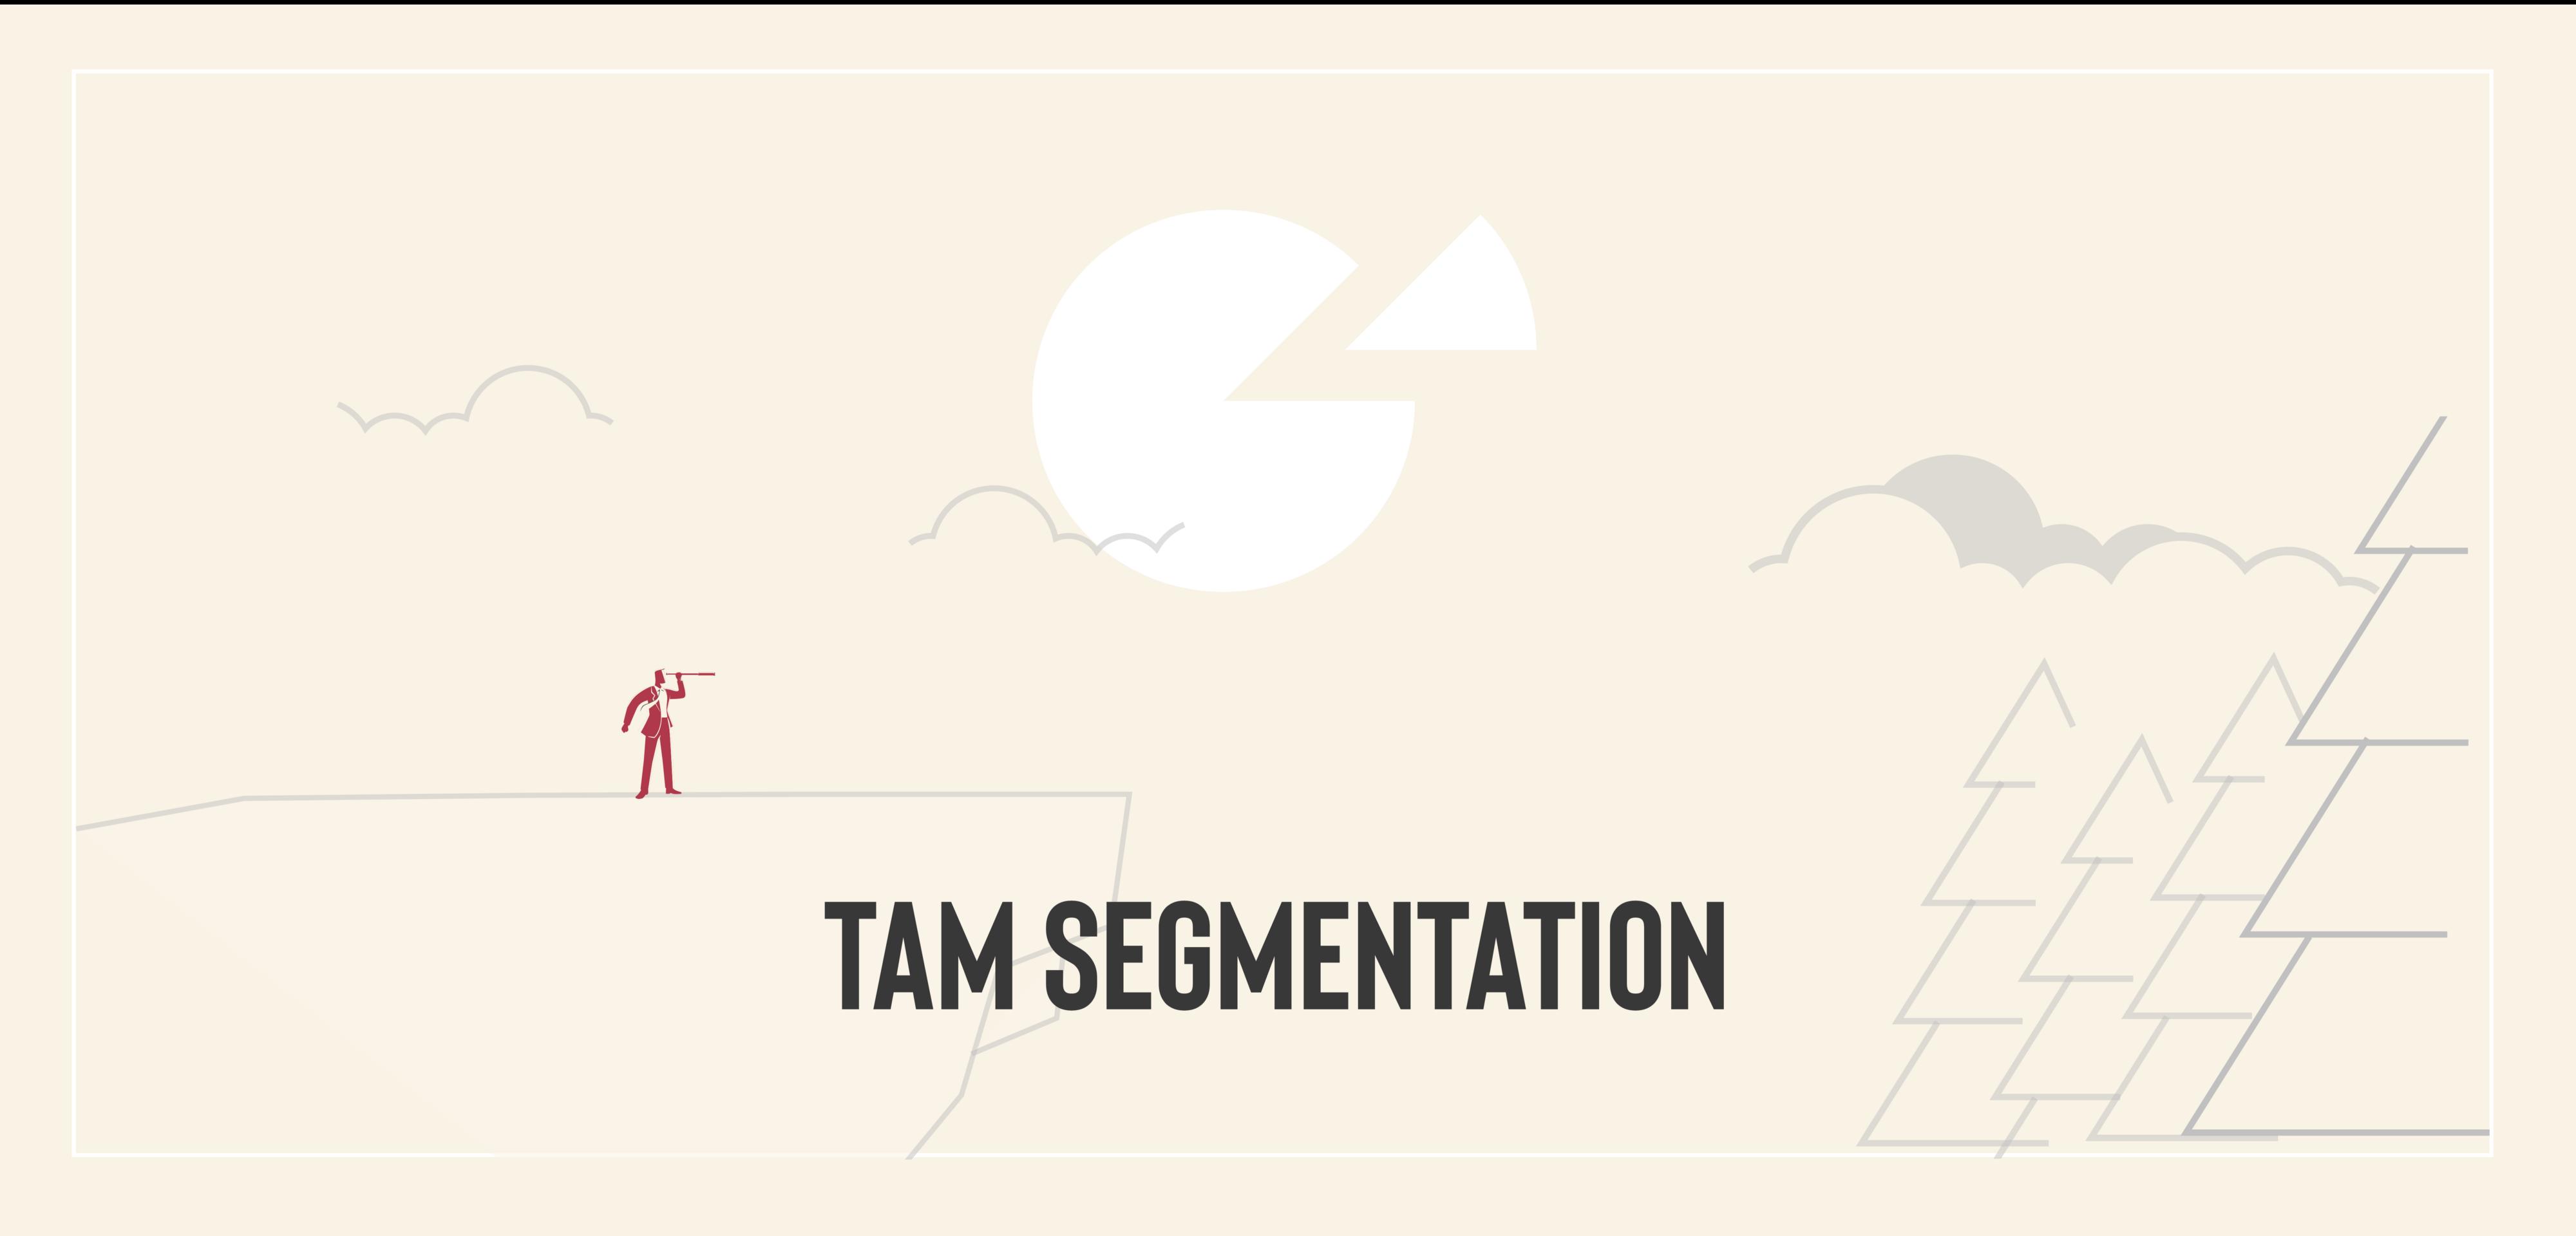 tam segemntation